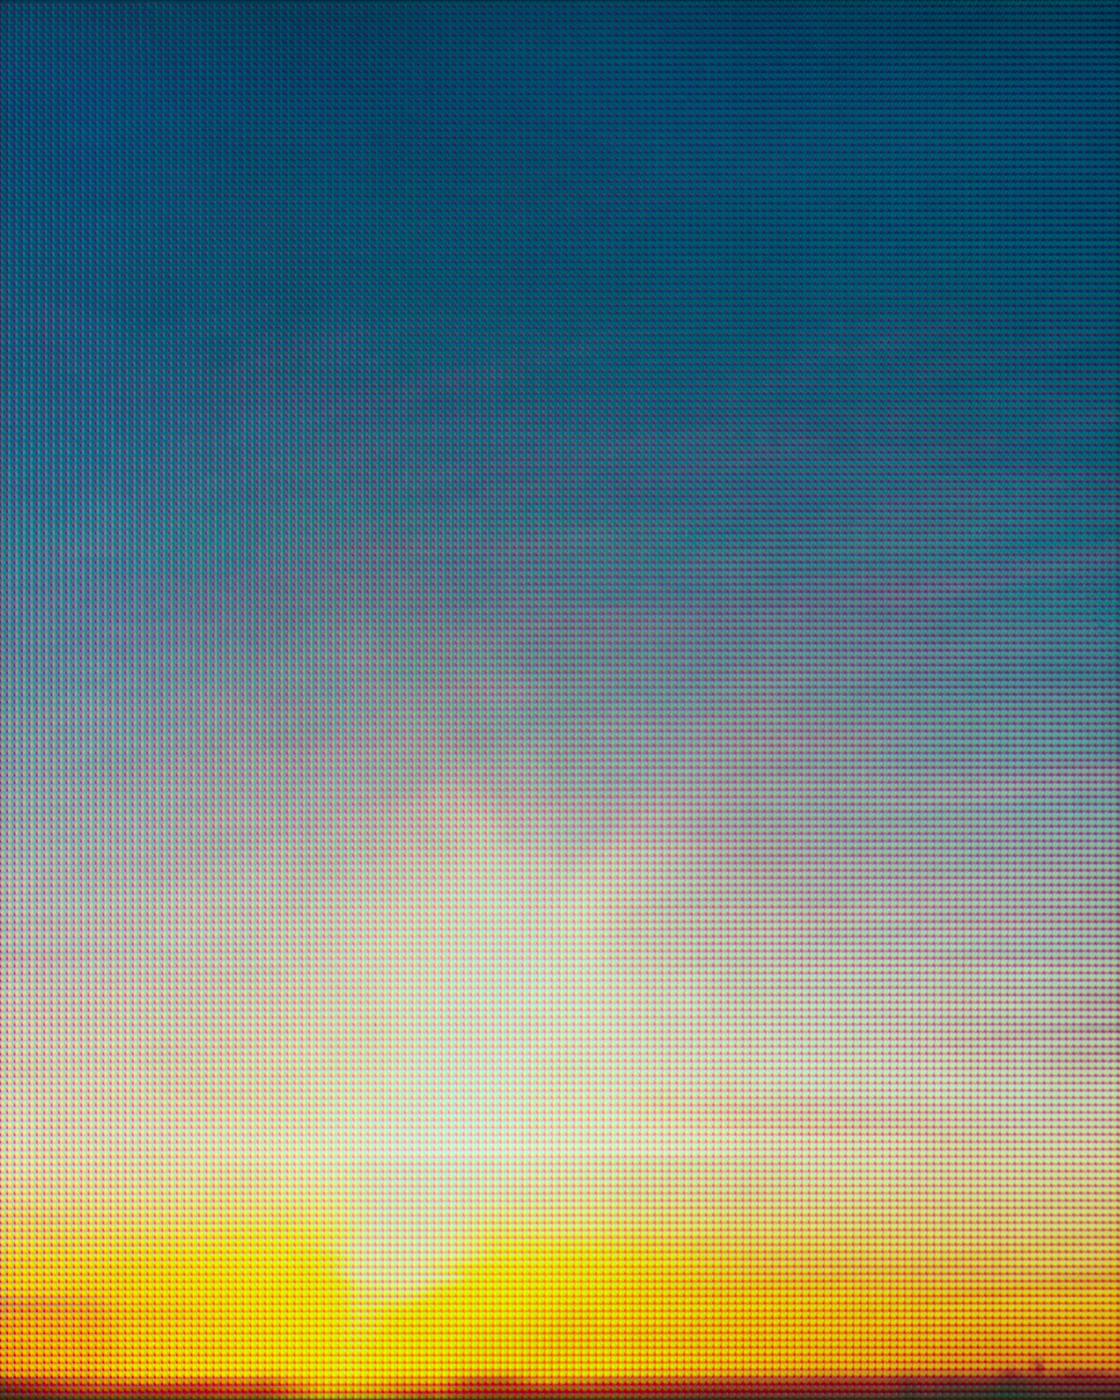 sg_sunrise_03.jpg